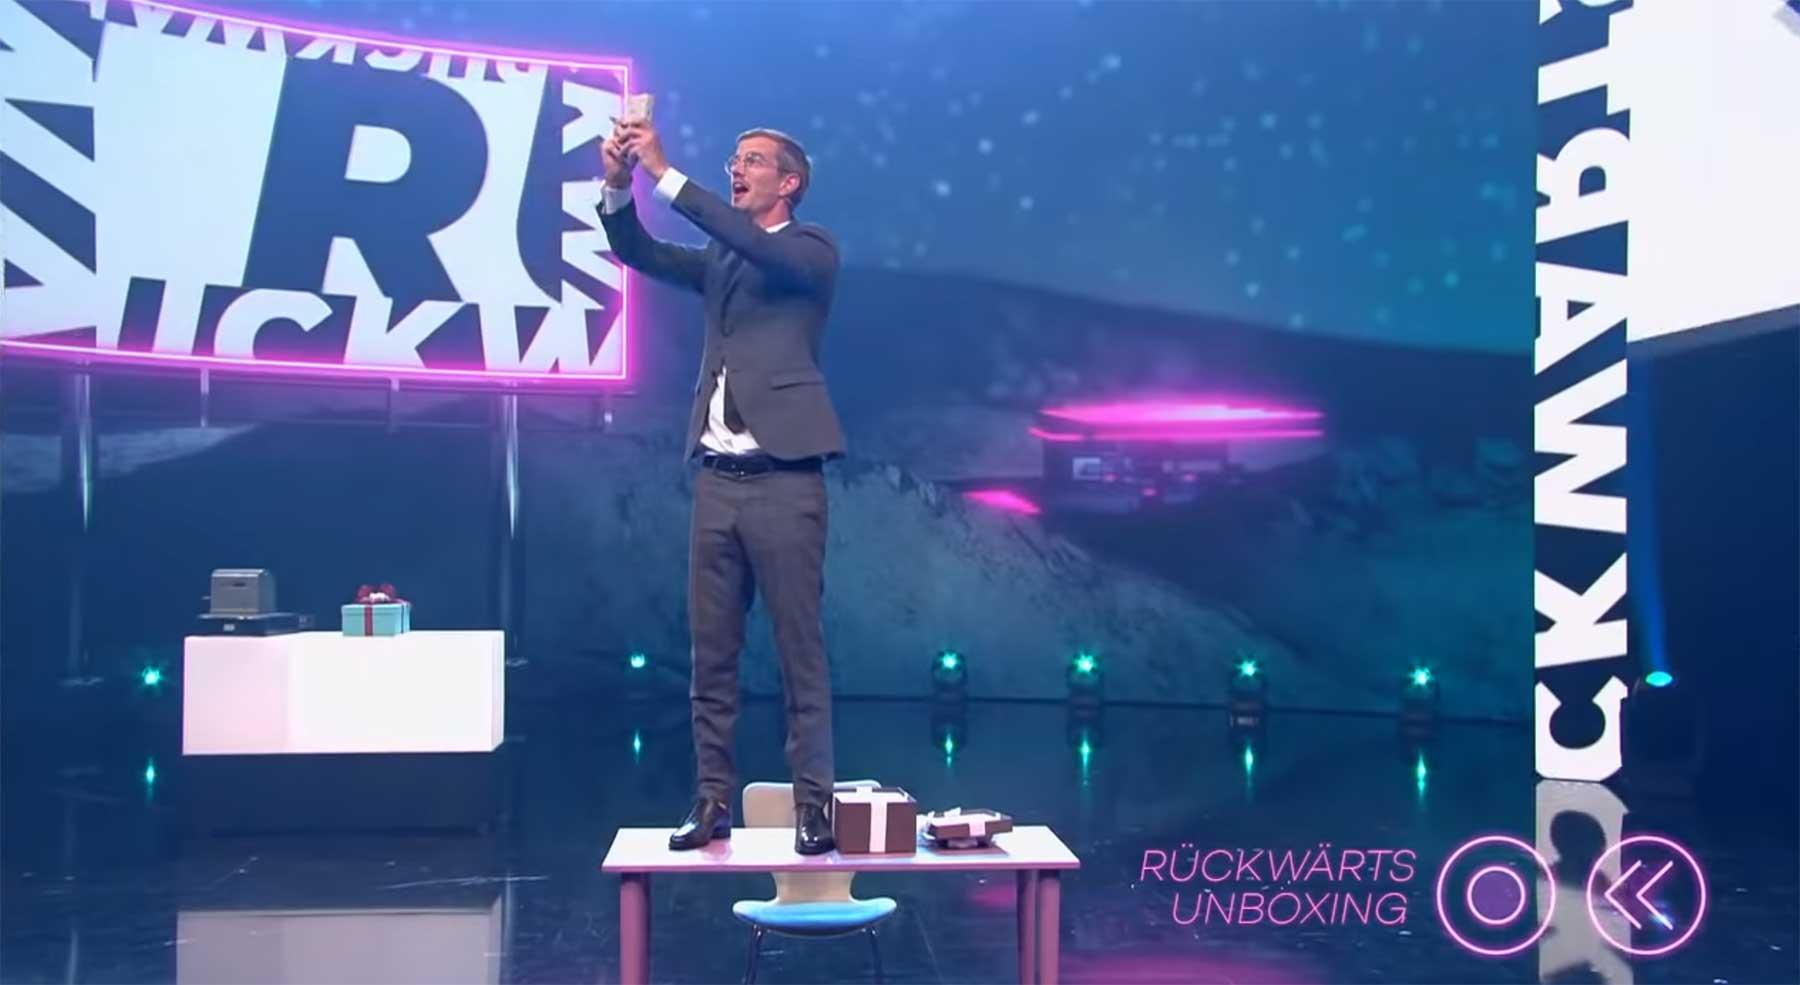 """Zum Tränen lachen: """"Die Rückwärtsshow"""" die-rueckwaertsshow-beste-show-der-welt"""